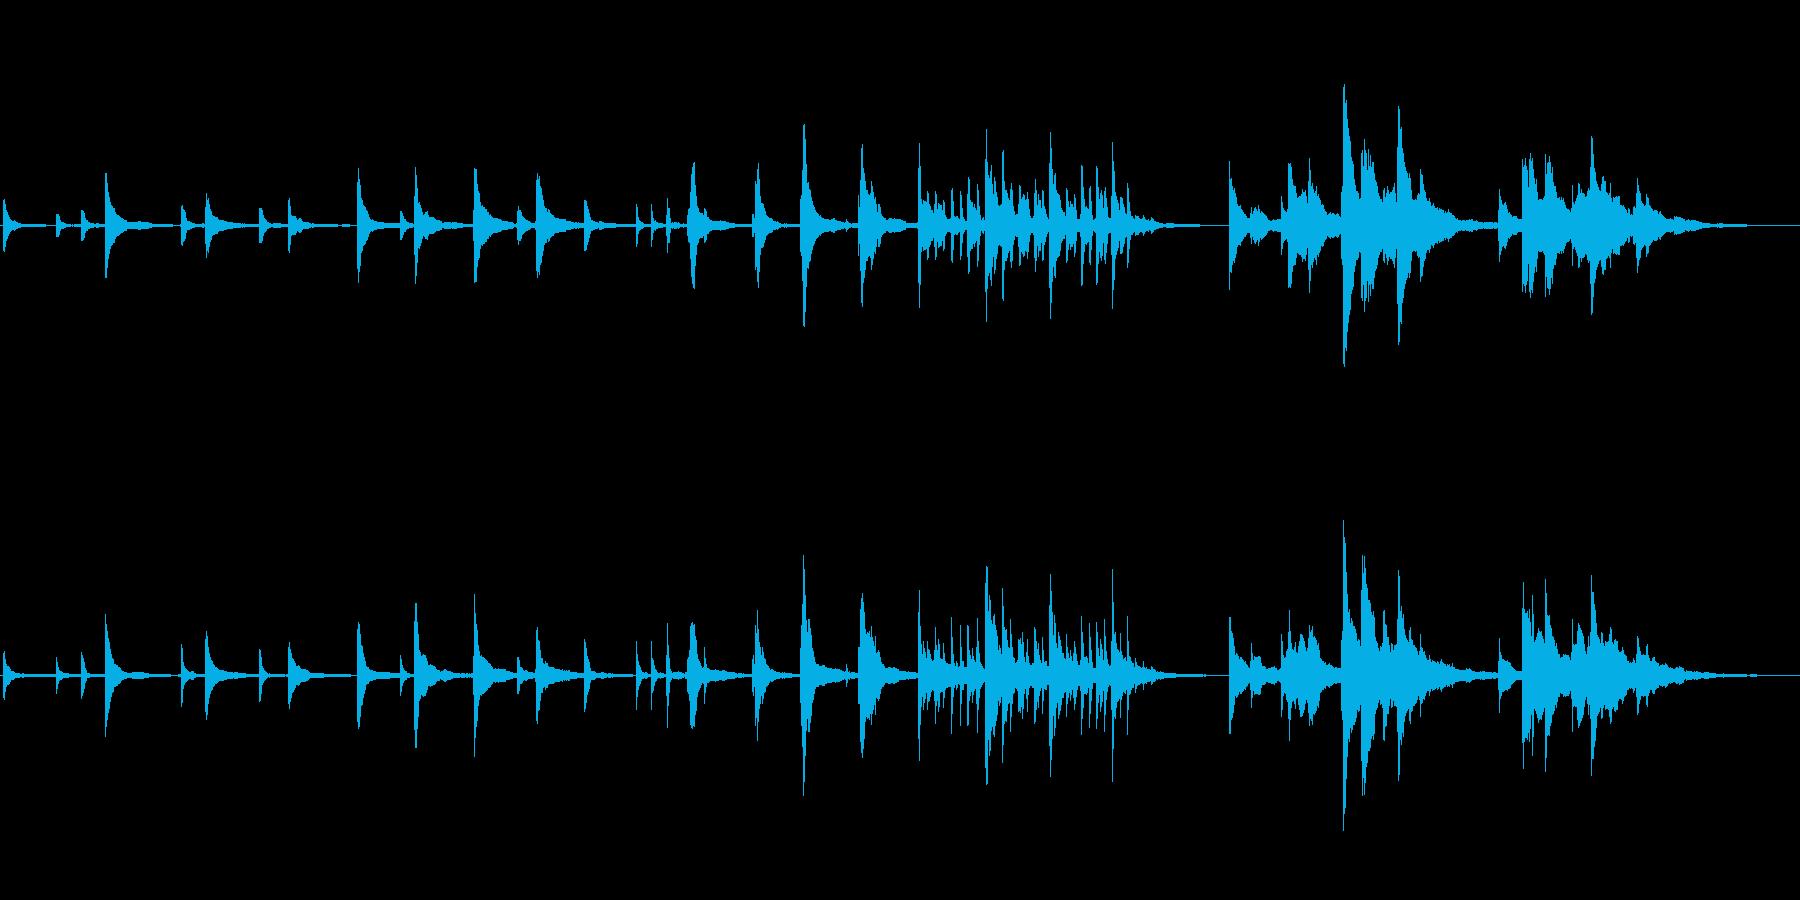 赤ちゃんの誕生シーン向け ■ ピアノソロの再生済みの波形